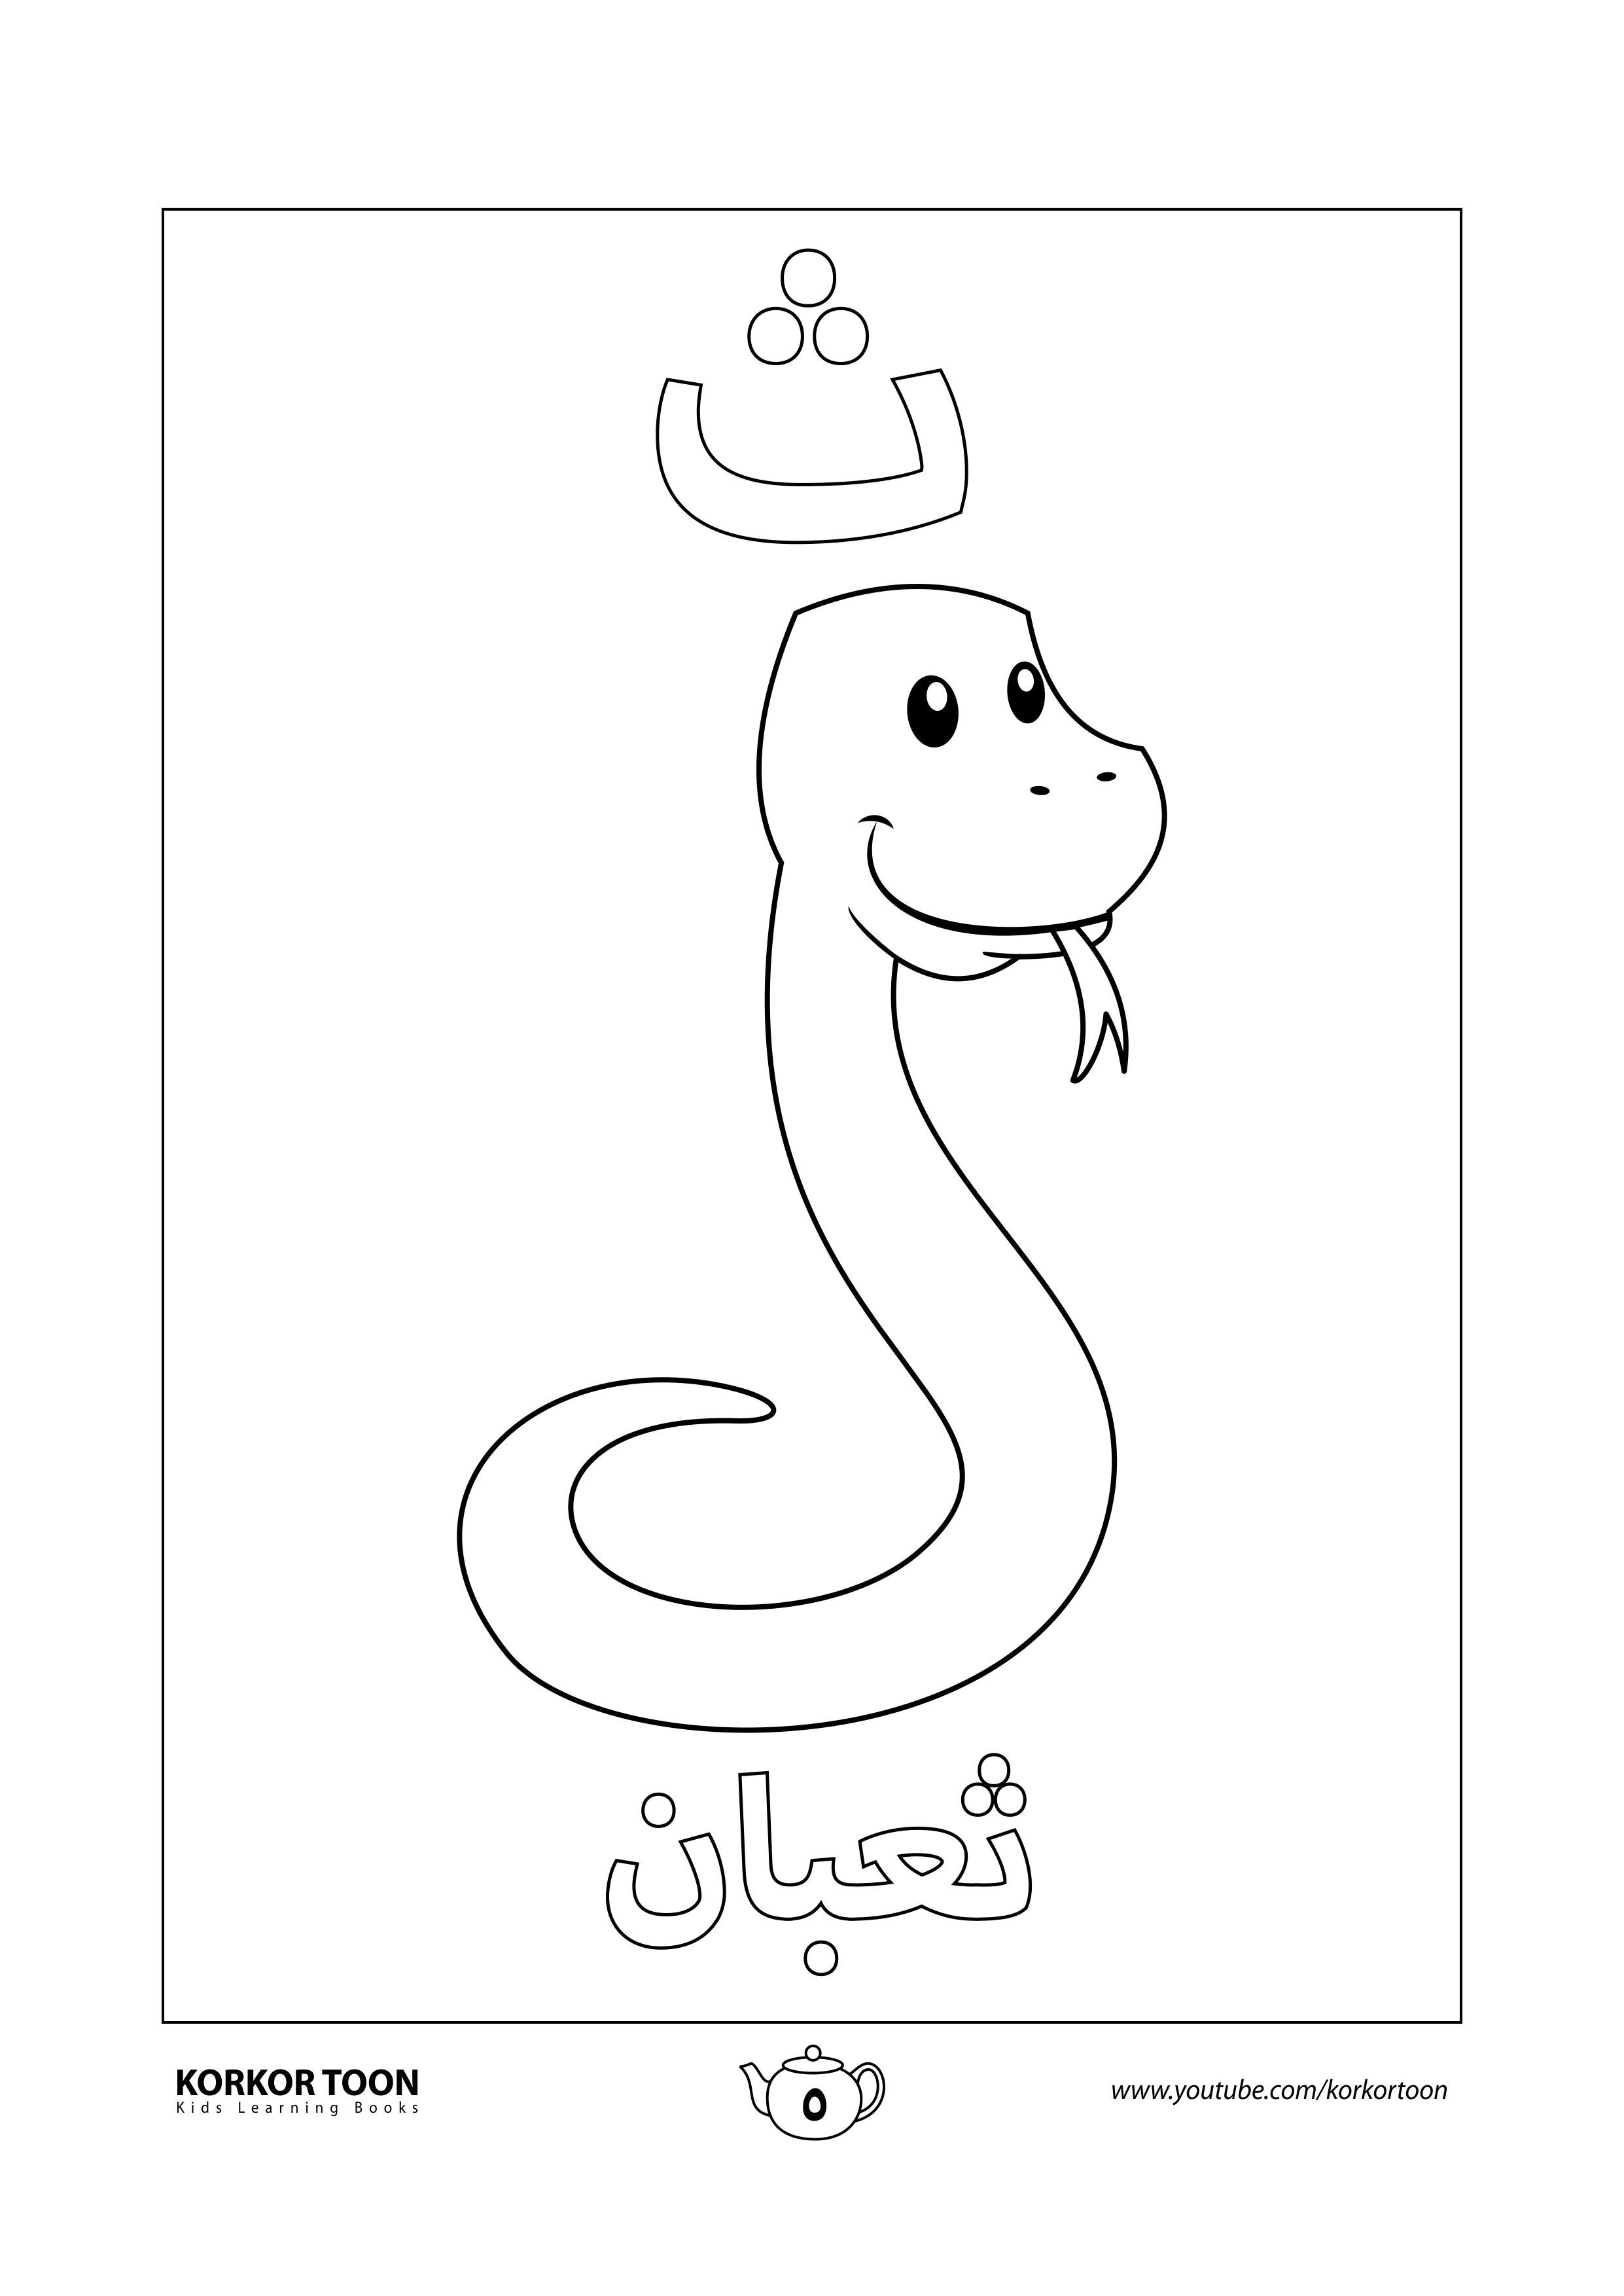 صفحة تلوين حرف الثاء كتاب تلوين الحروف العربية للأطفال Muslim Kids Activities Learning Arabic Muslim Kids